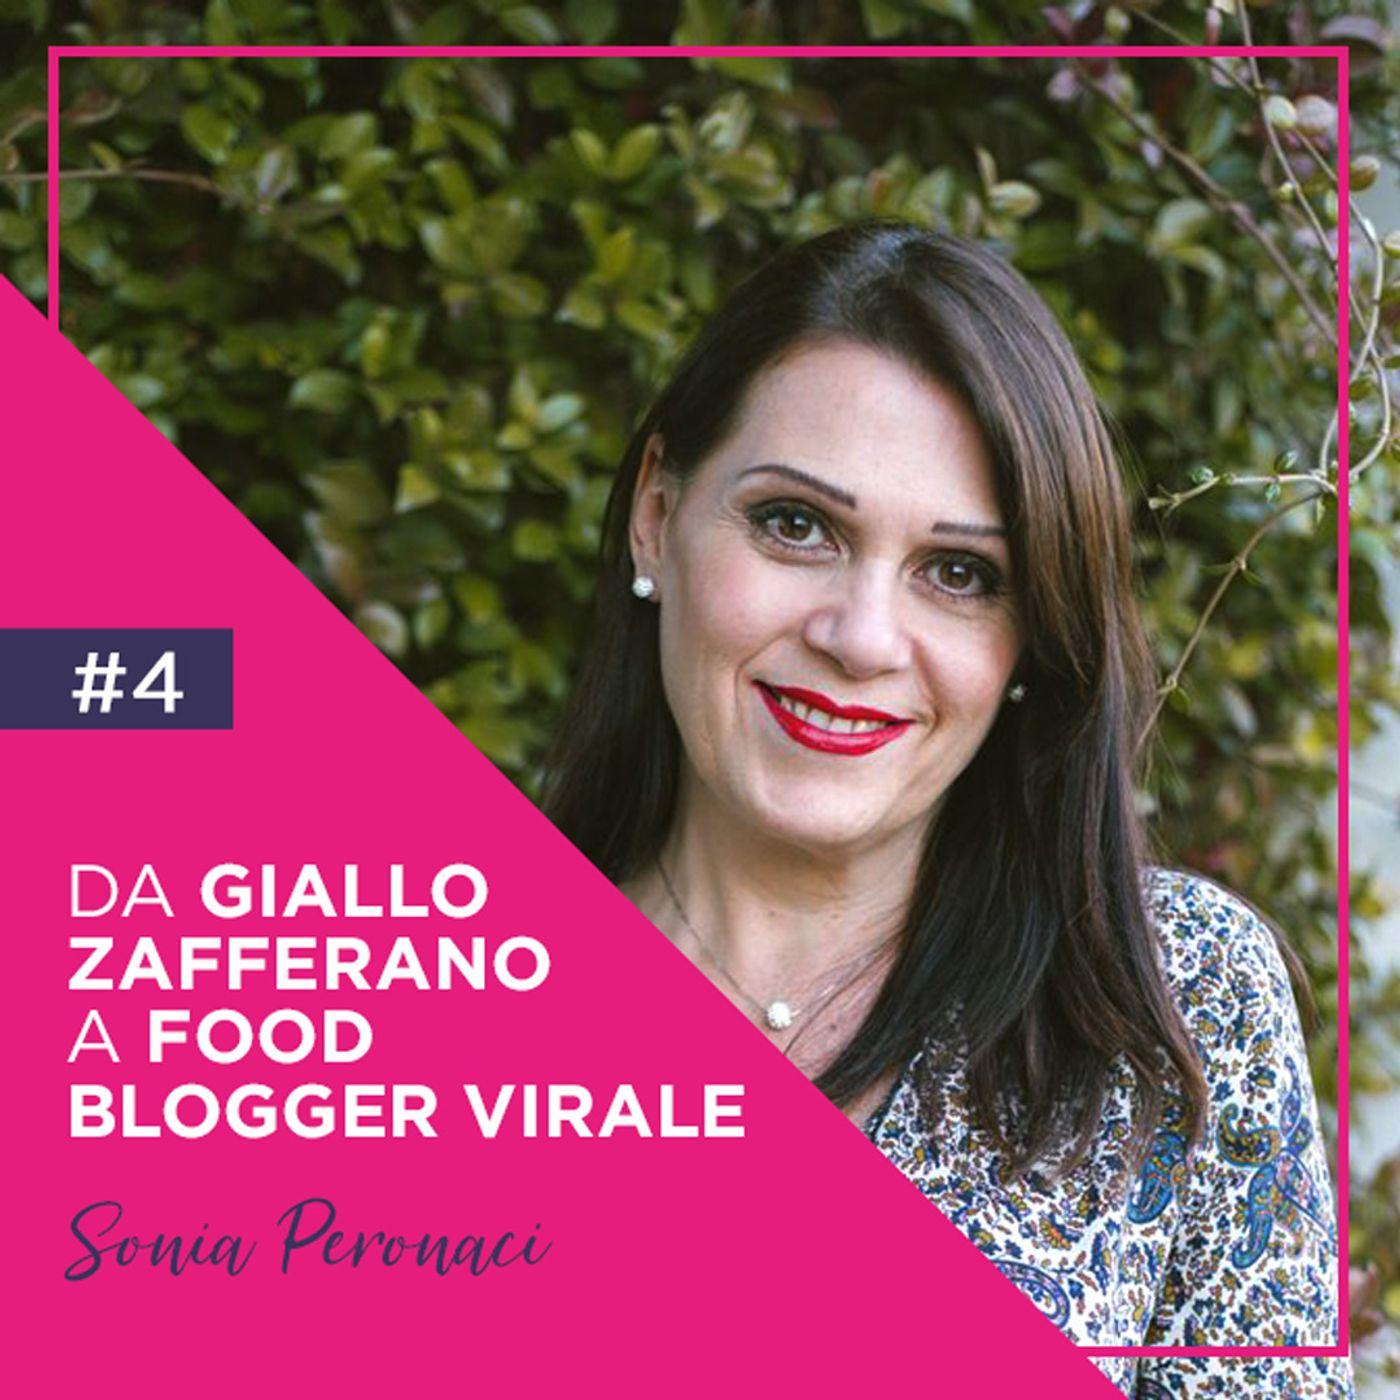 Da Giallo Zafferano a Food Blogger Virale con Sonia Peronaci